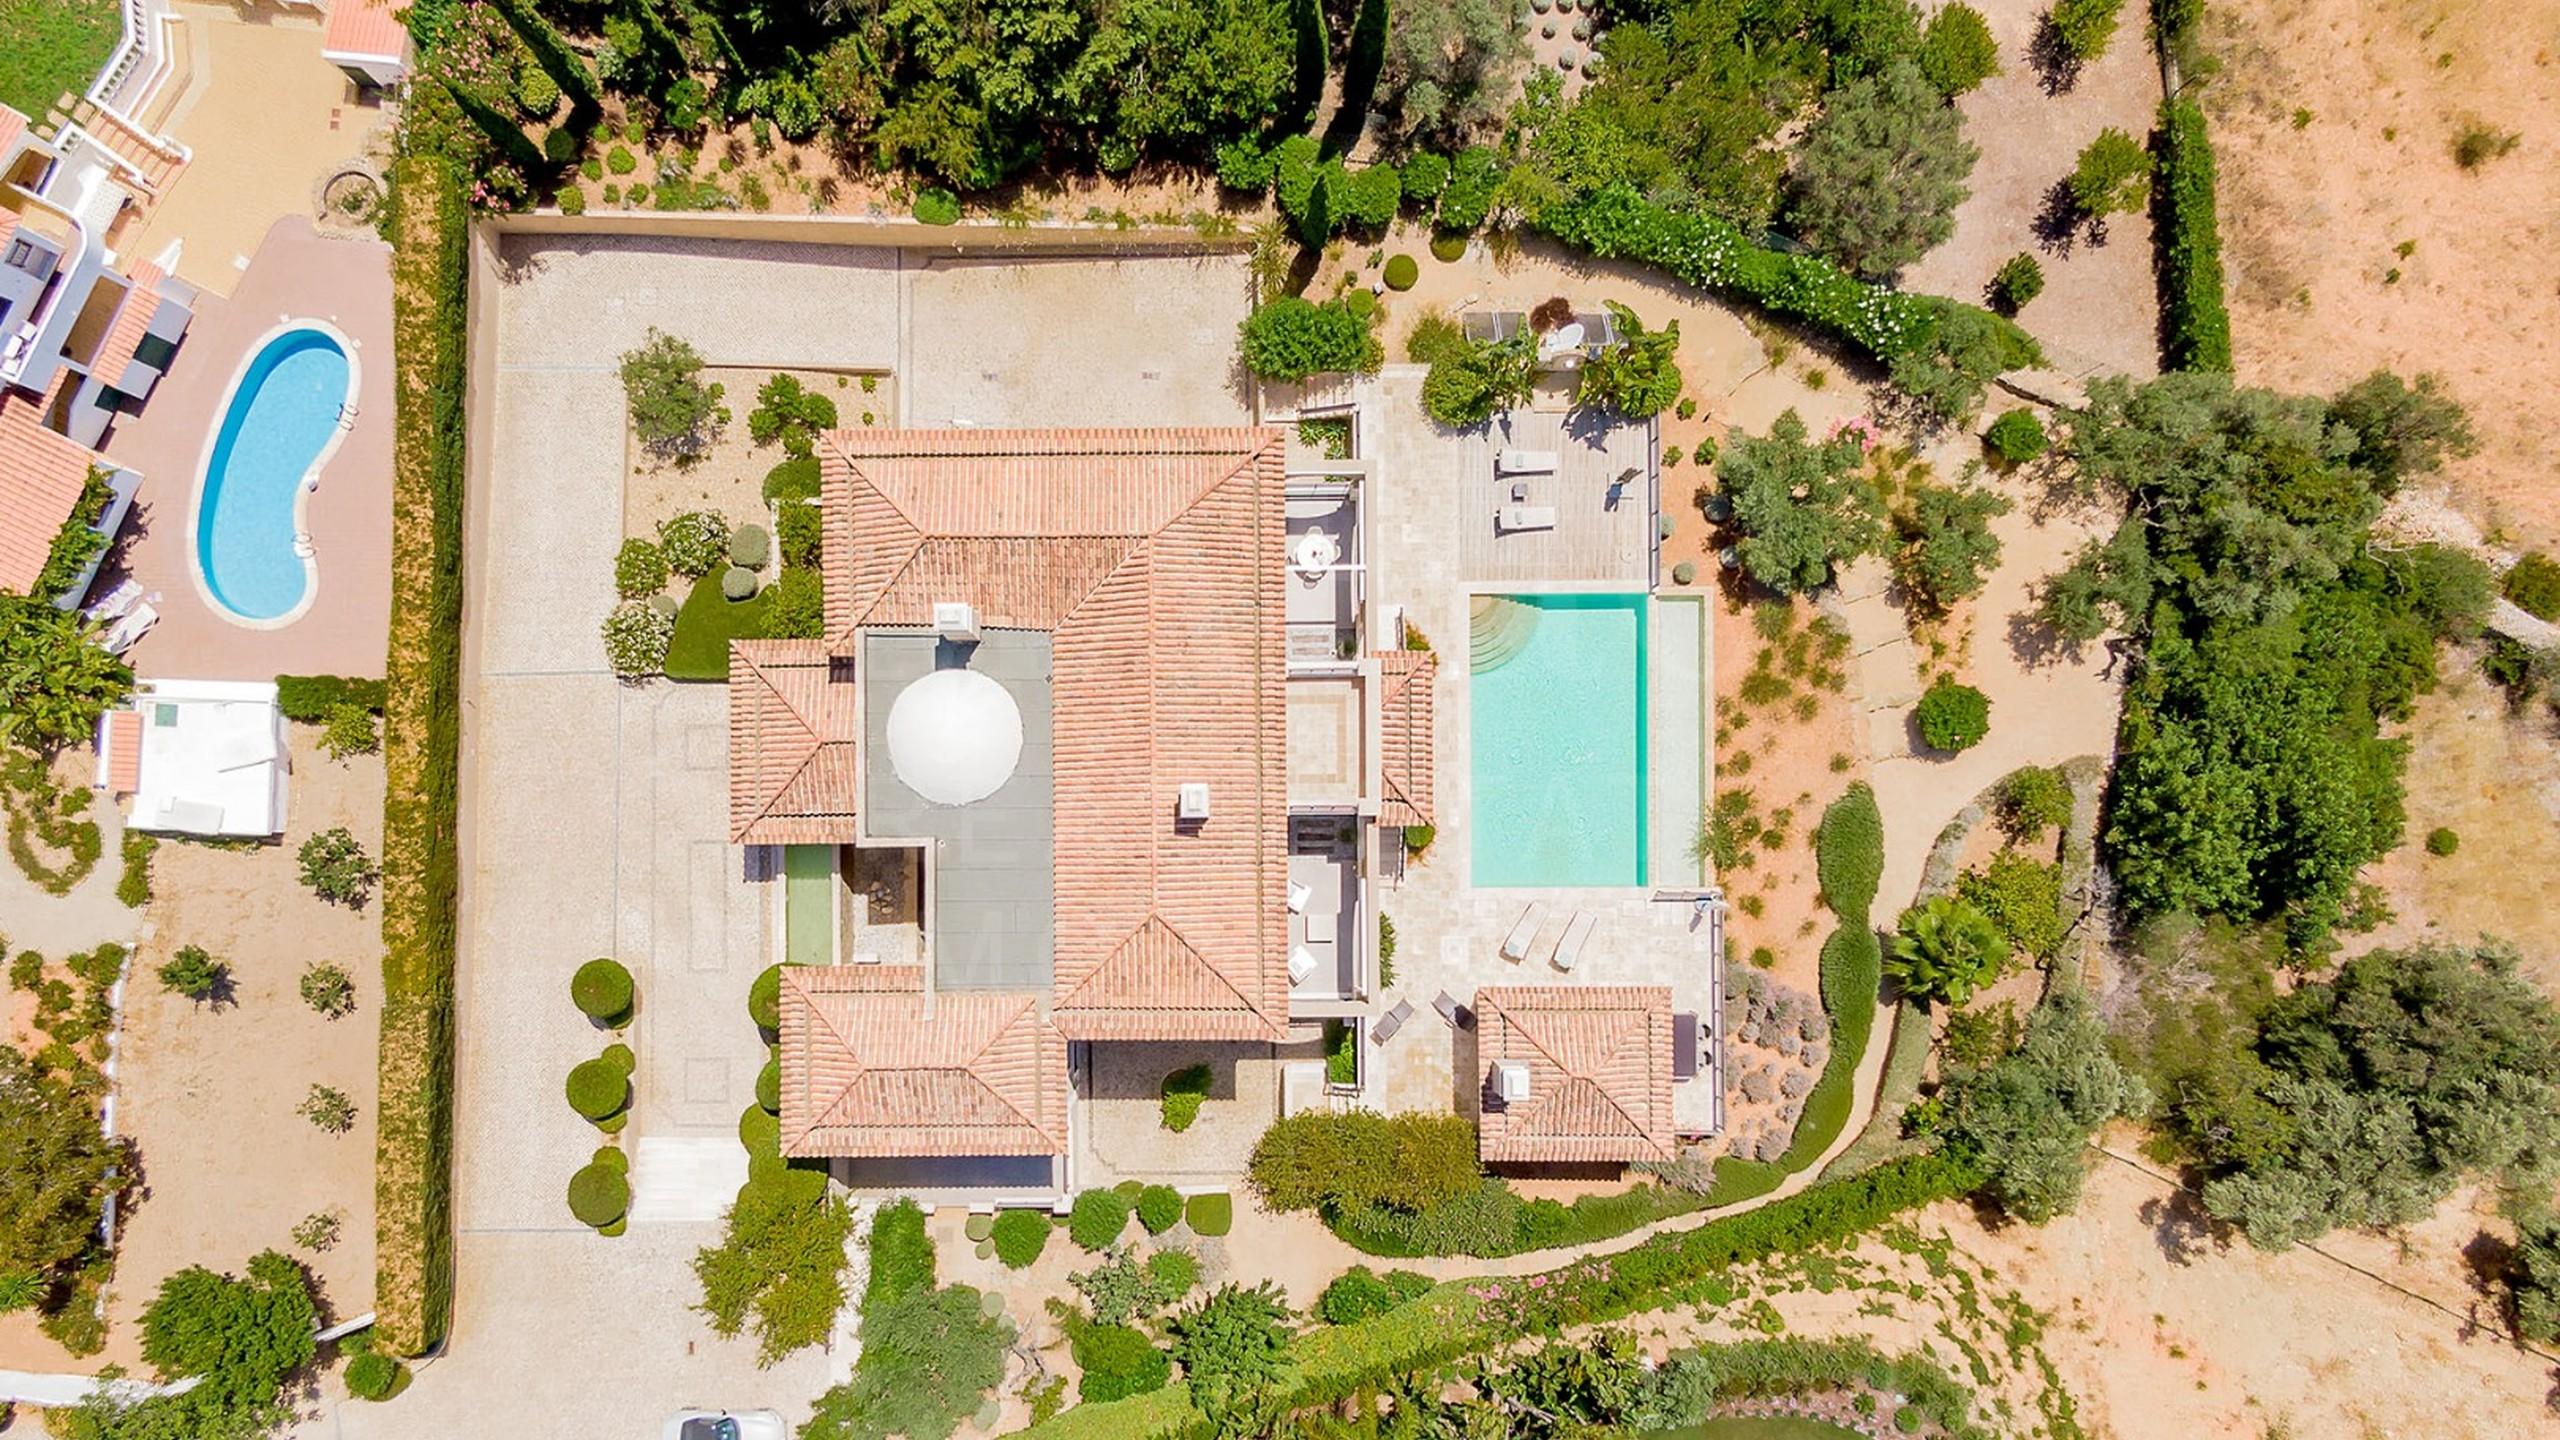 5 bedroom villa for sale in Algarve